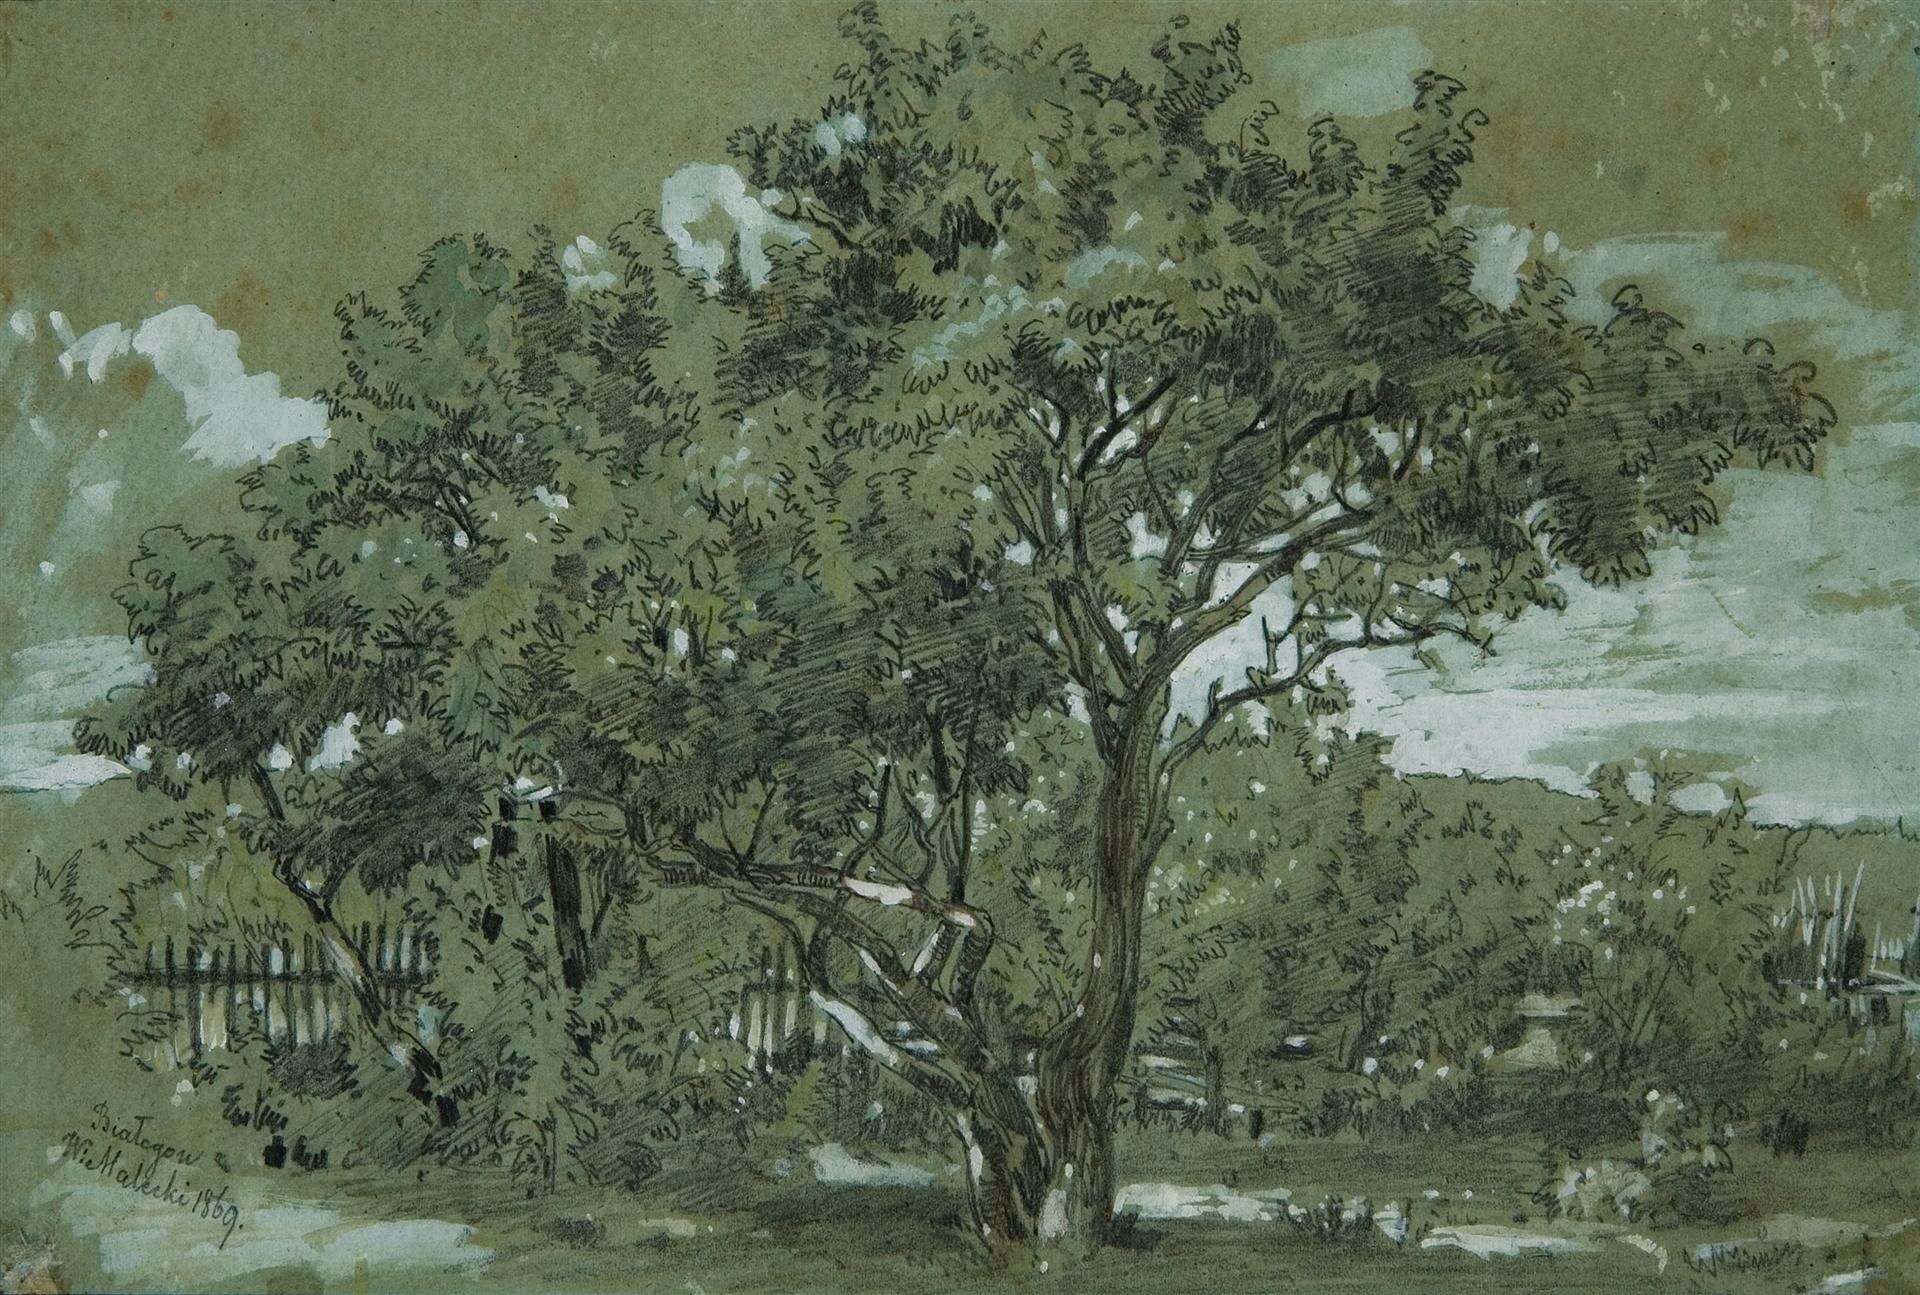 """Władysław Malecki (1836-1900) """"Krajobraz z Białogonu"""", 1869 rok, źródło: Muzeum Sztuki w Łodzi"""